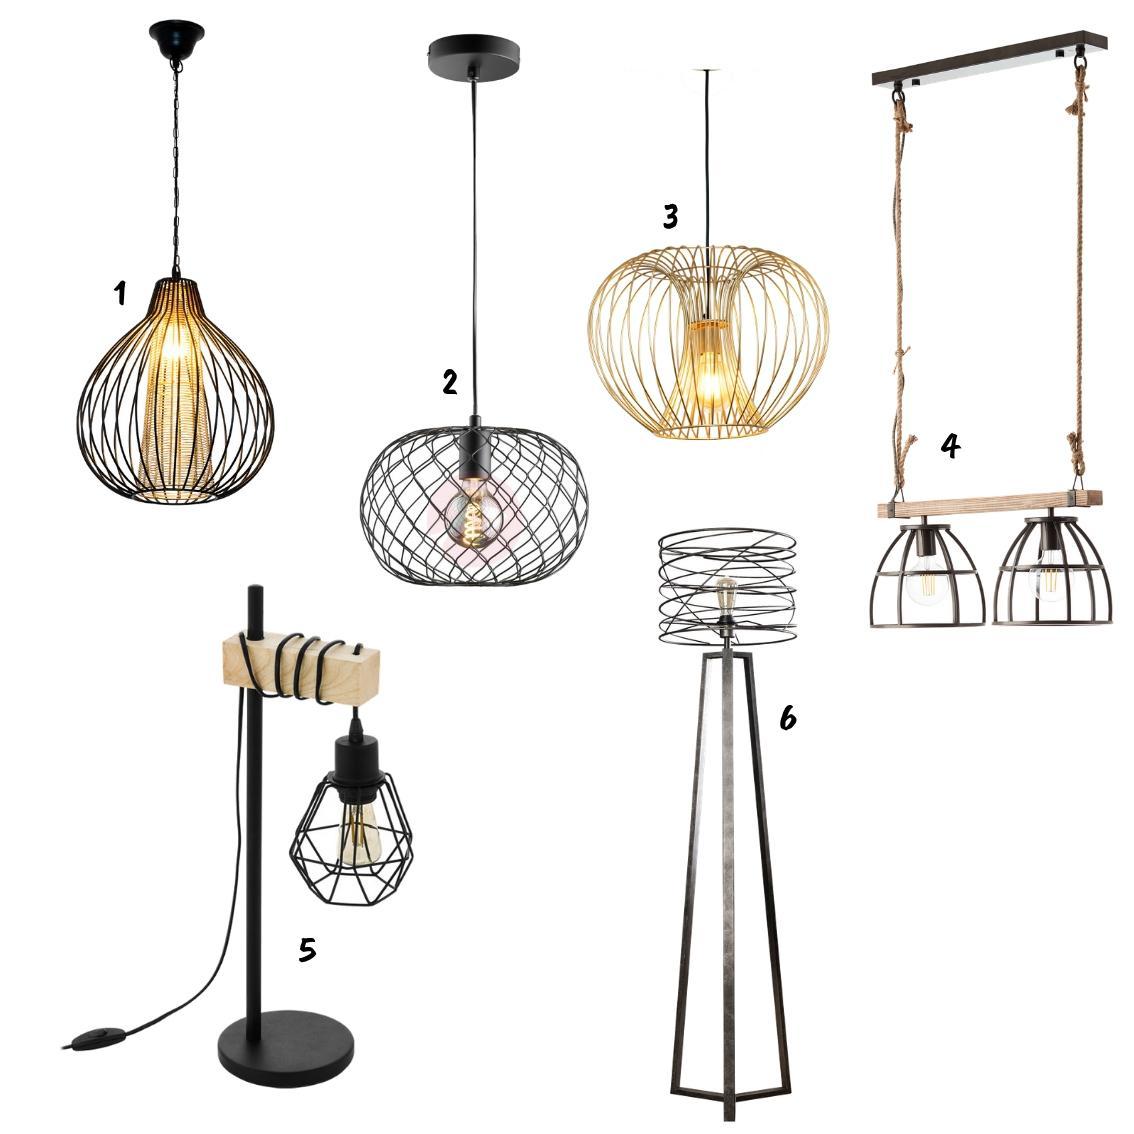 Lampen Design 2020